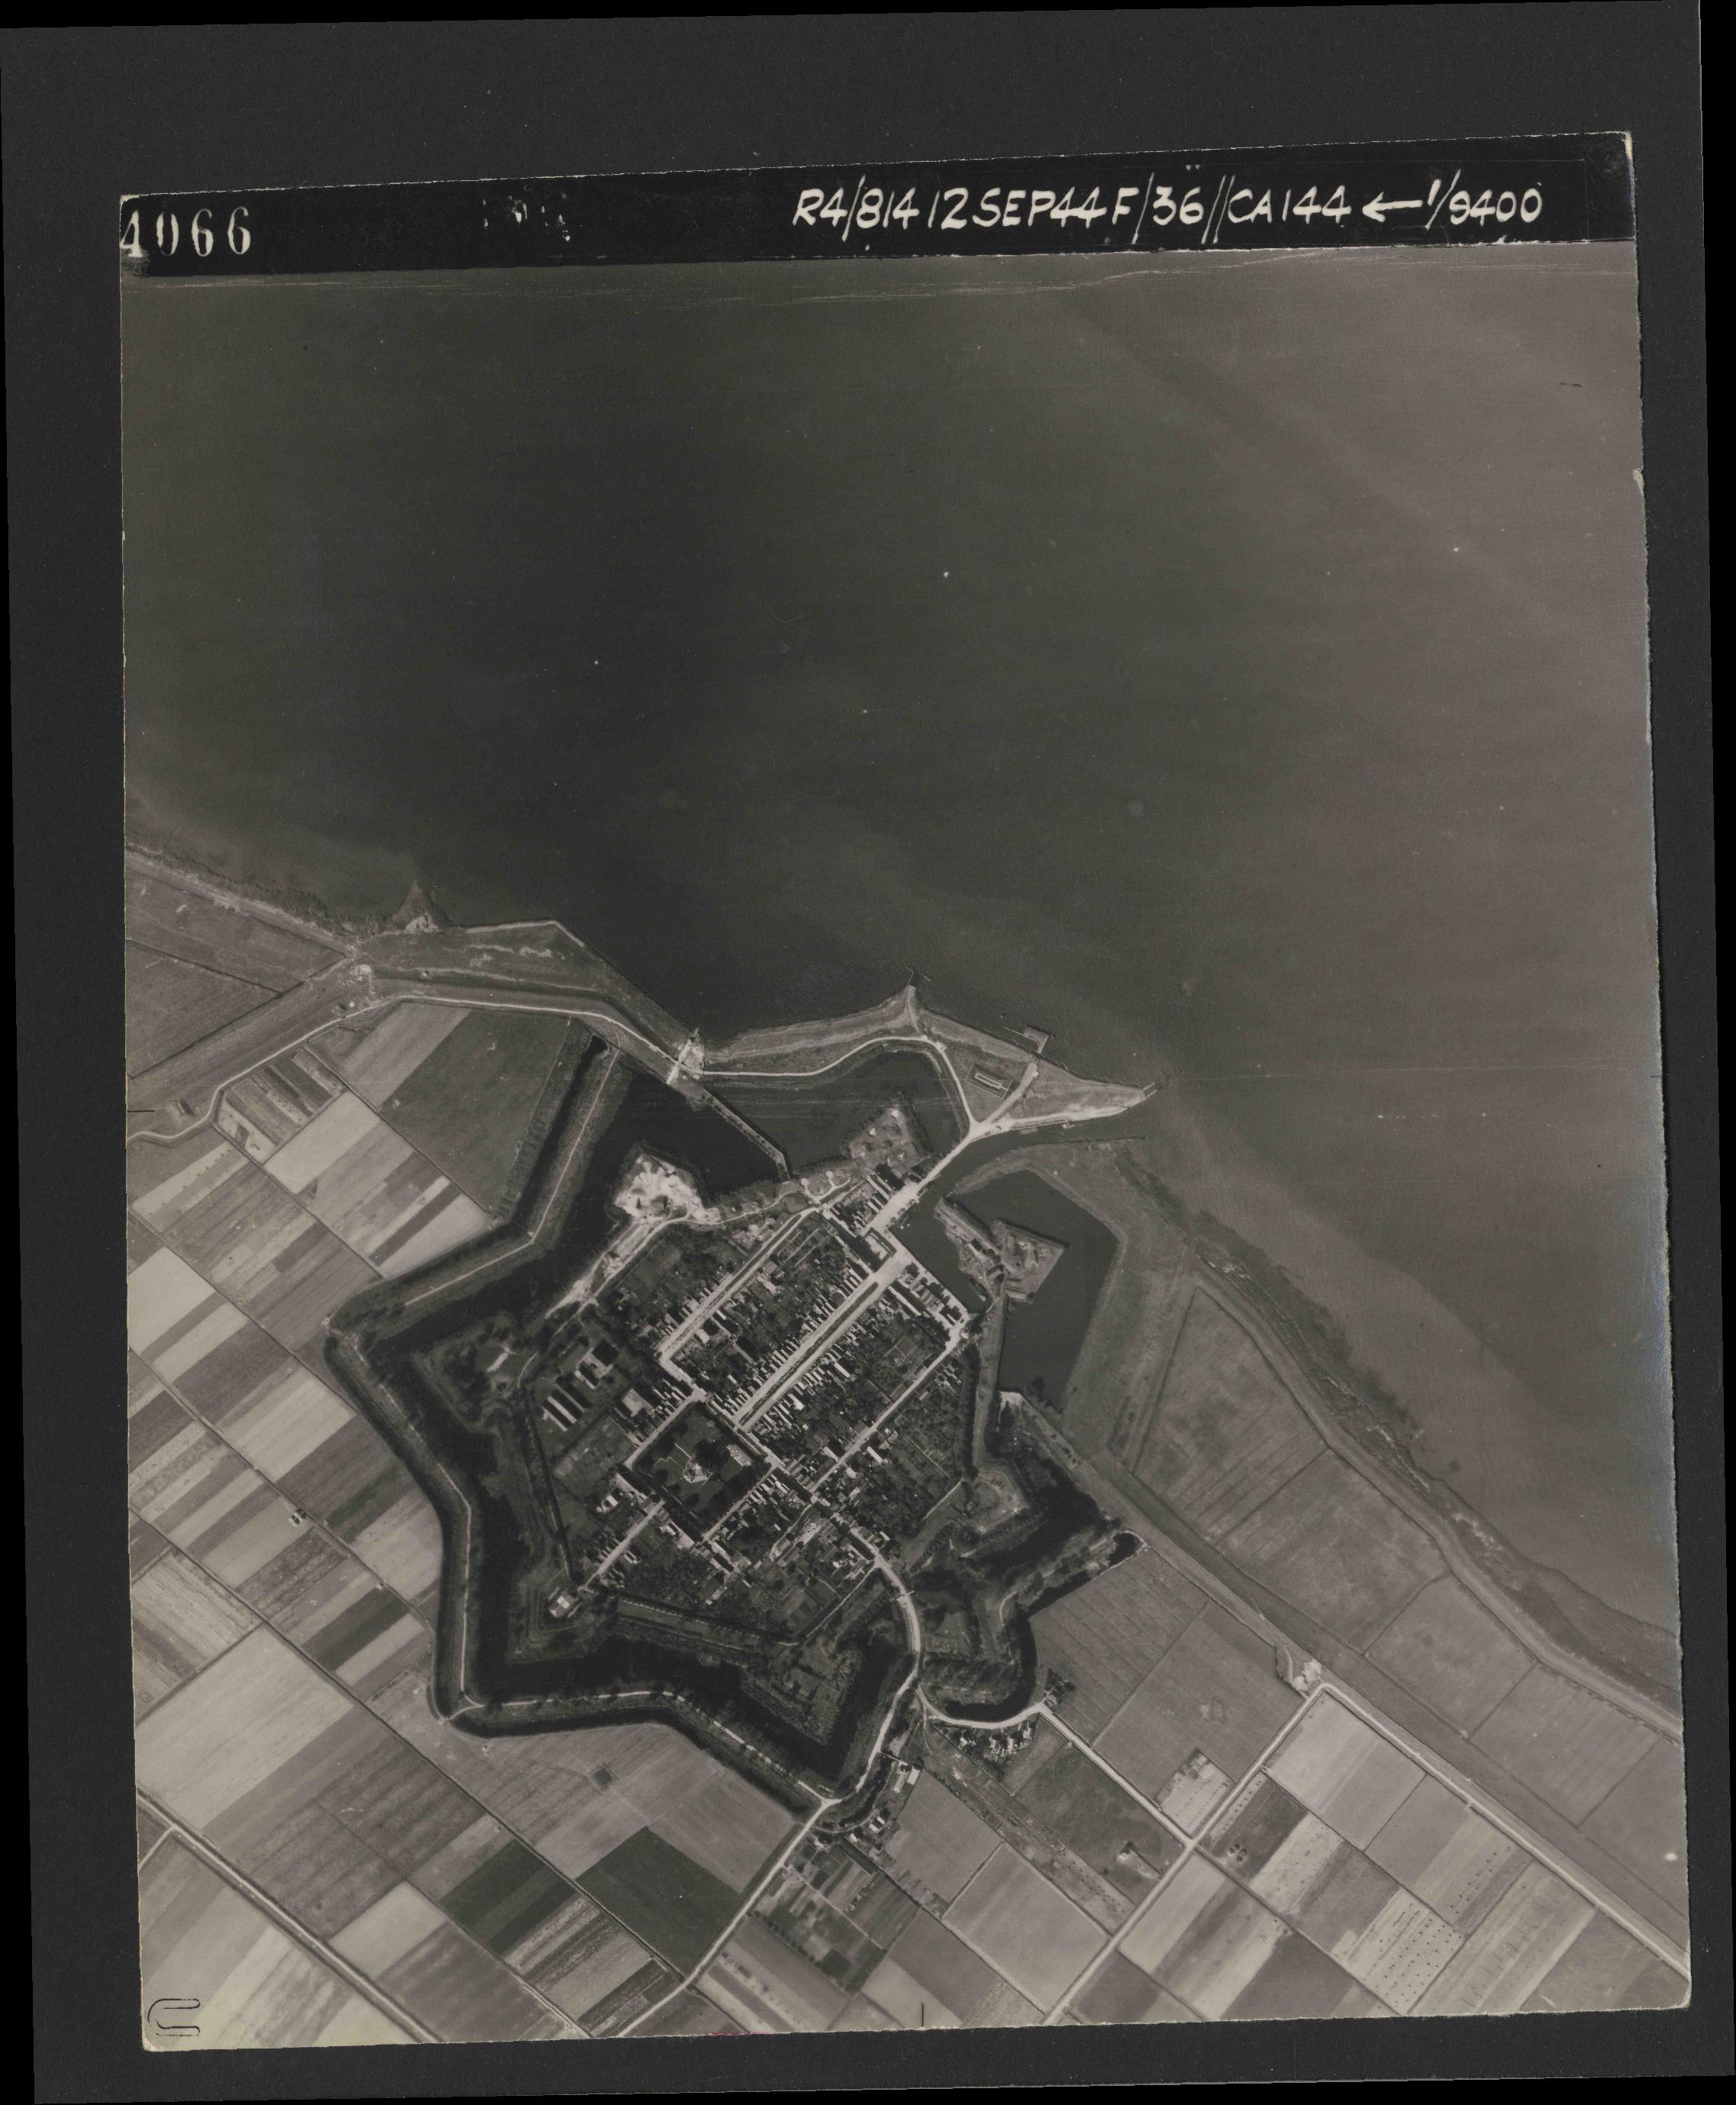 Collection RAF aerial photos 1940-1945 - flight 333, run 02, photo 4066